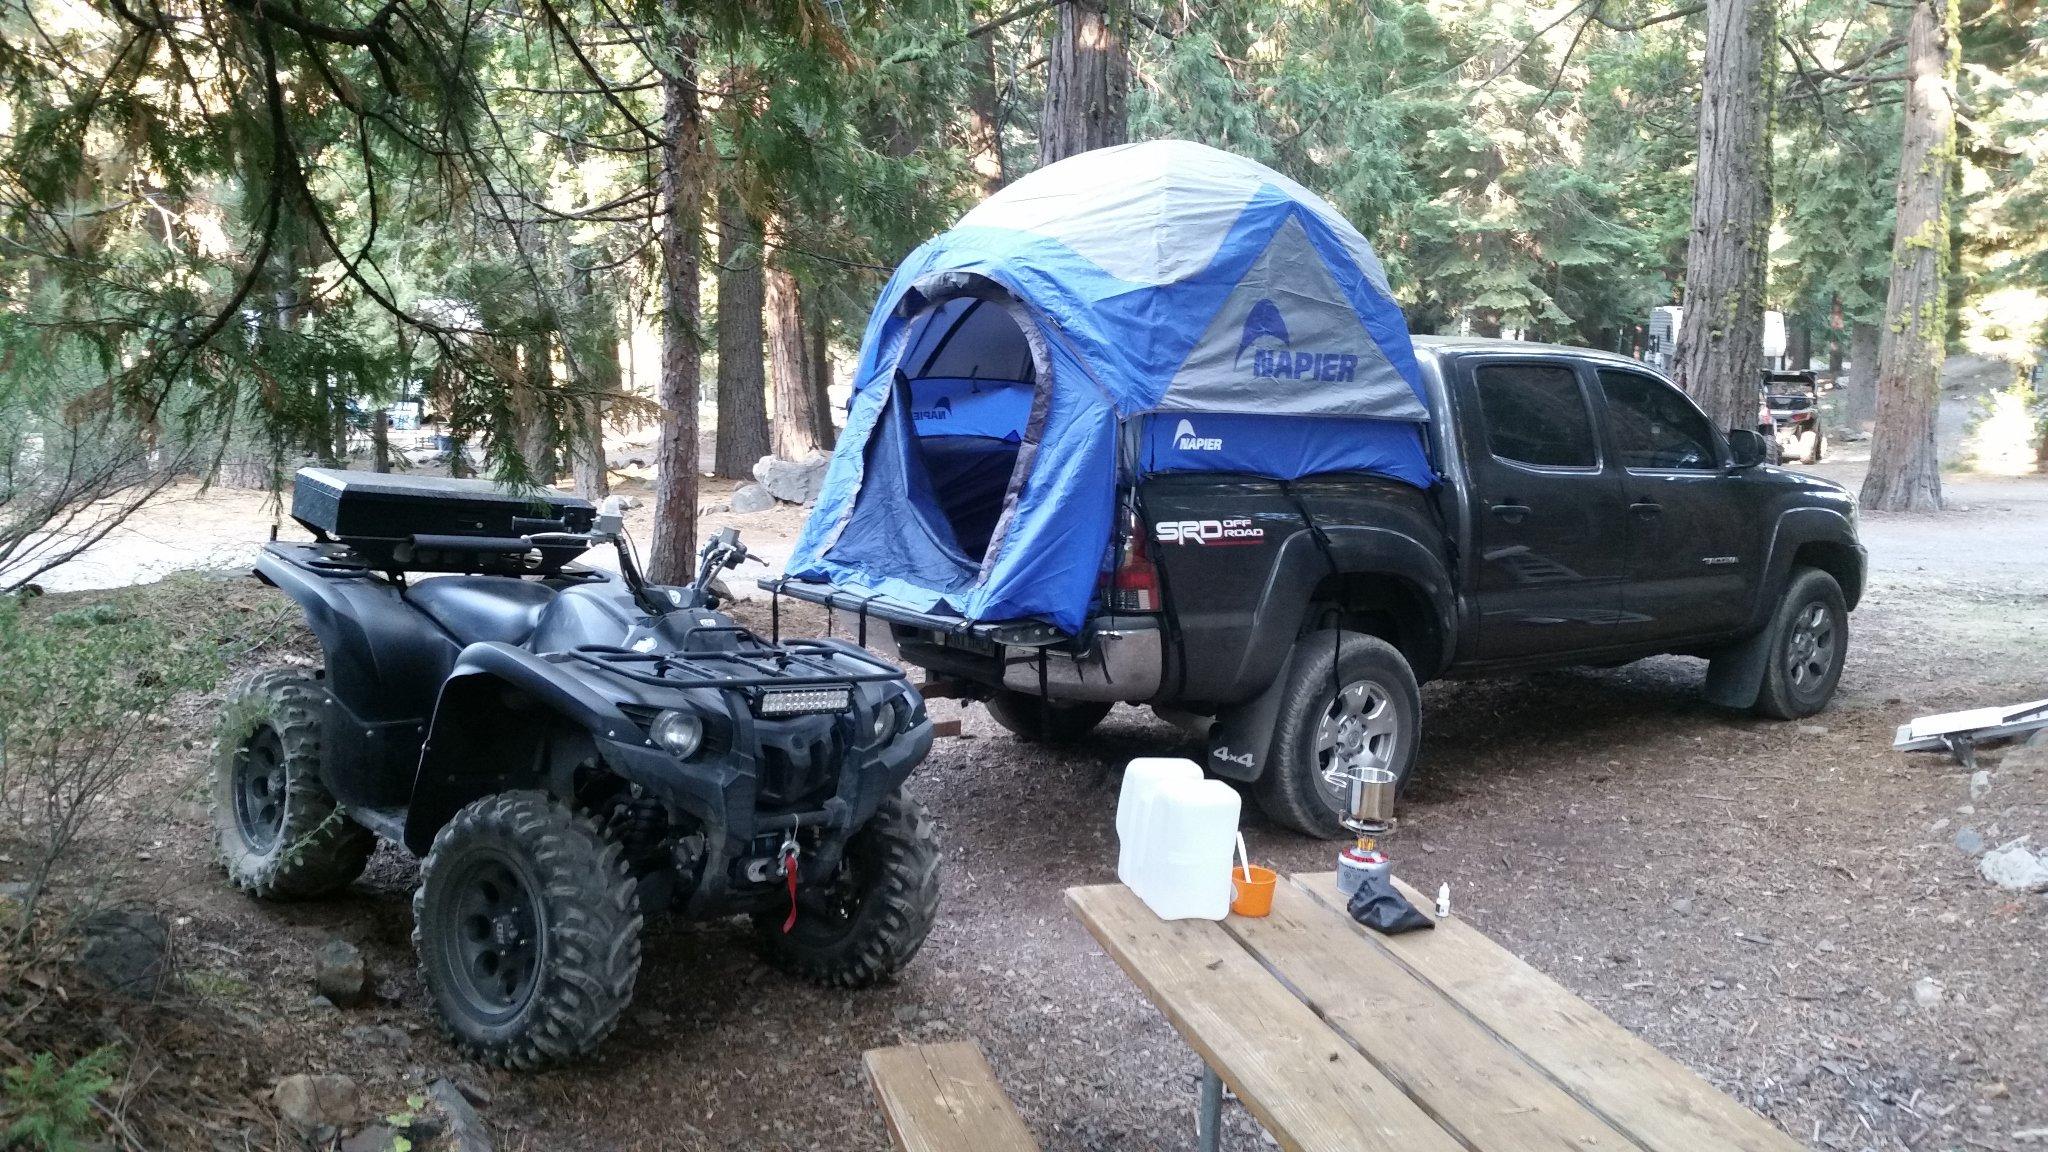 camper tent for short bed for sale sportz napier tacoma. Black Bedroom Furniture Sets. Home Design Ideas